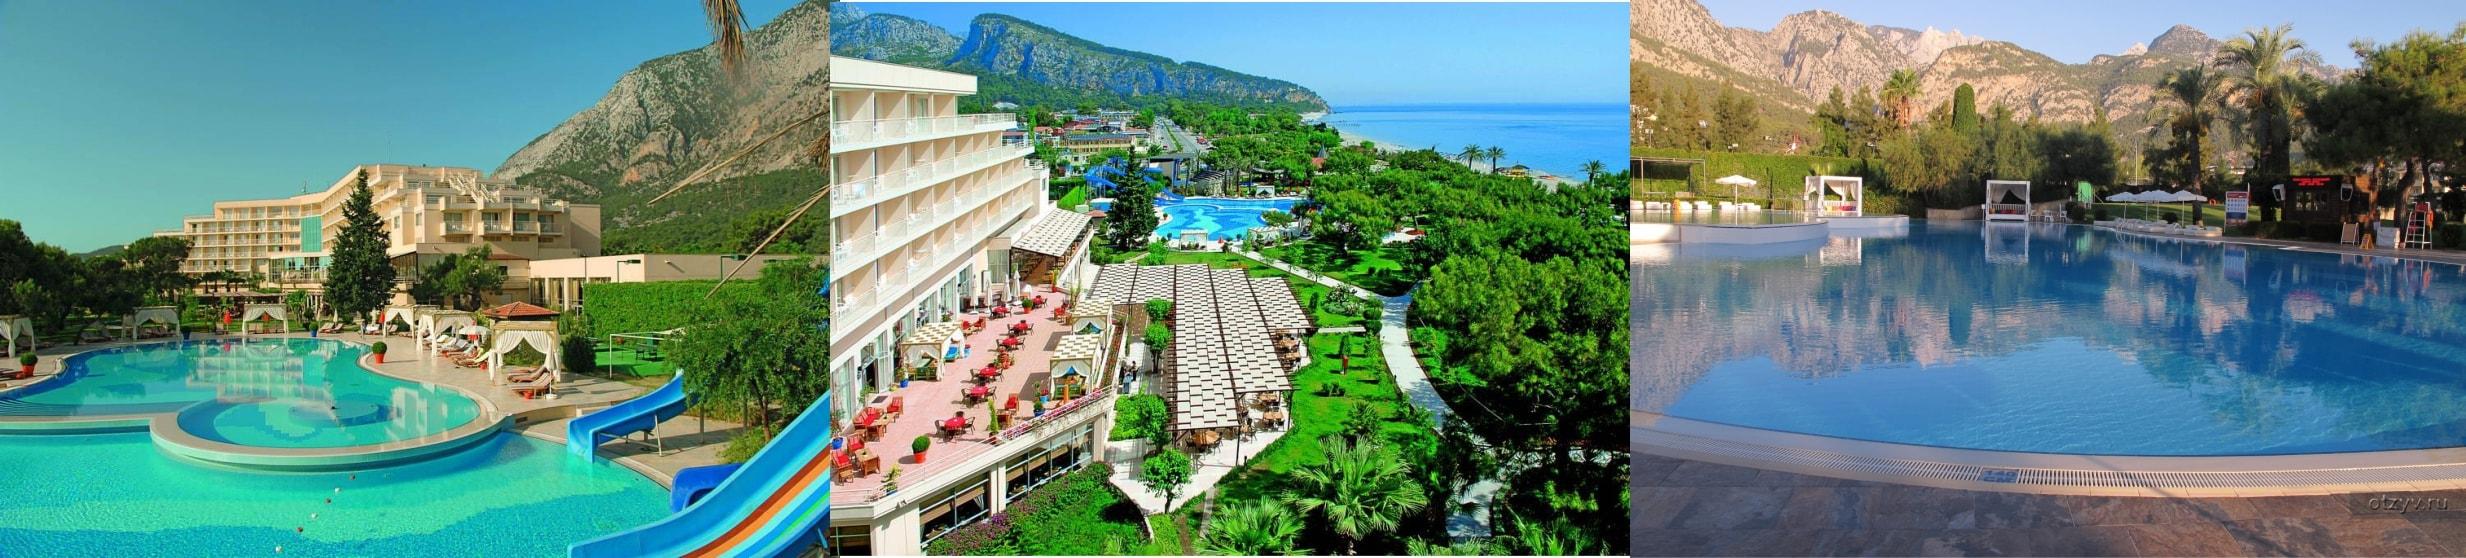 Отель Rixos Beldibi 5